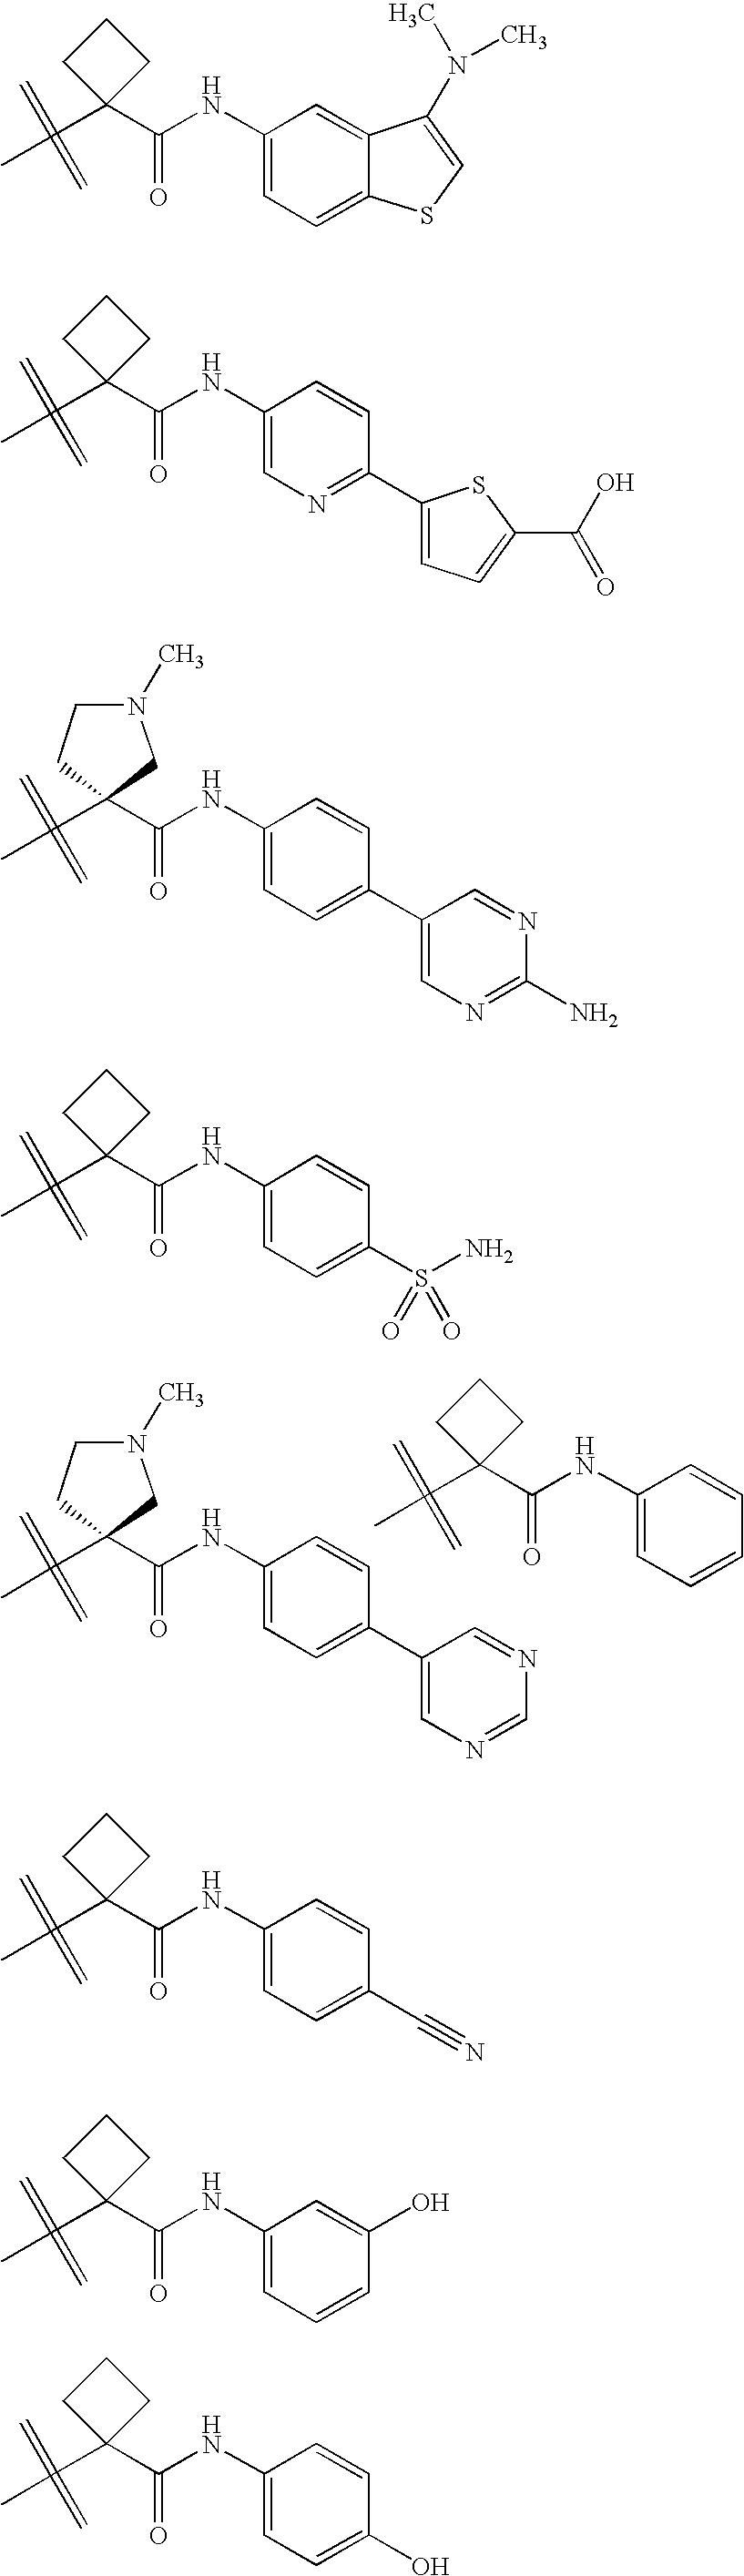 Figure US20070049593A1-20070301-C00164